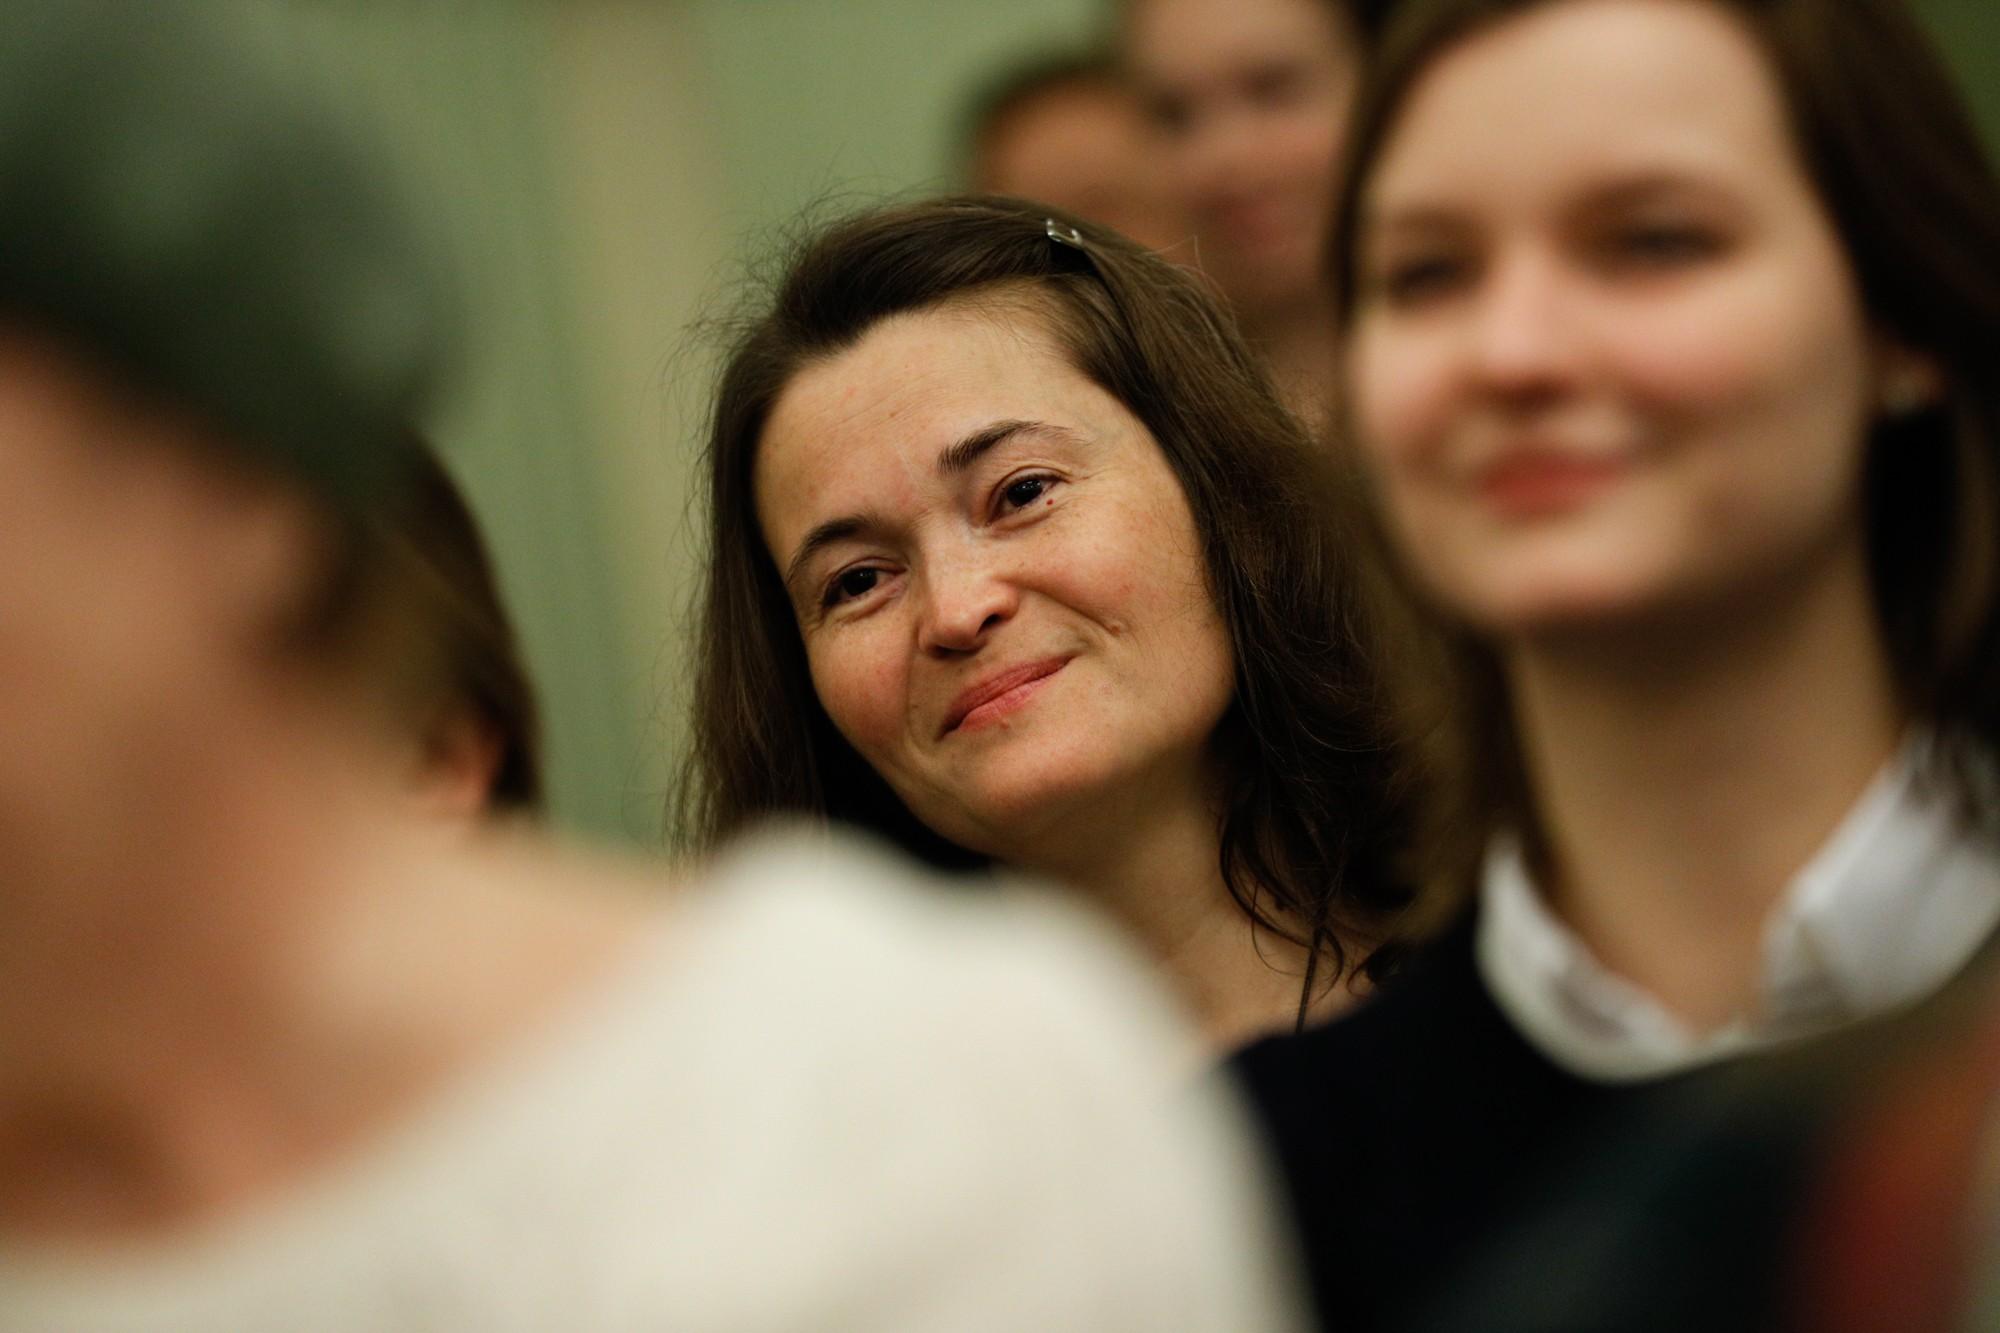 devushek-devushki-silno-zahoteli-pisat-i-poshli-v-kusti-video-lesbiyanki-sekretarshi